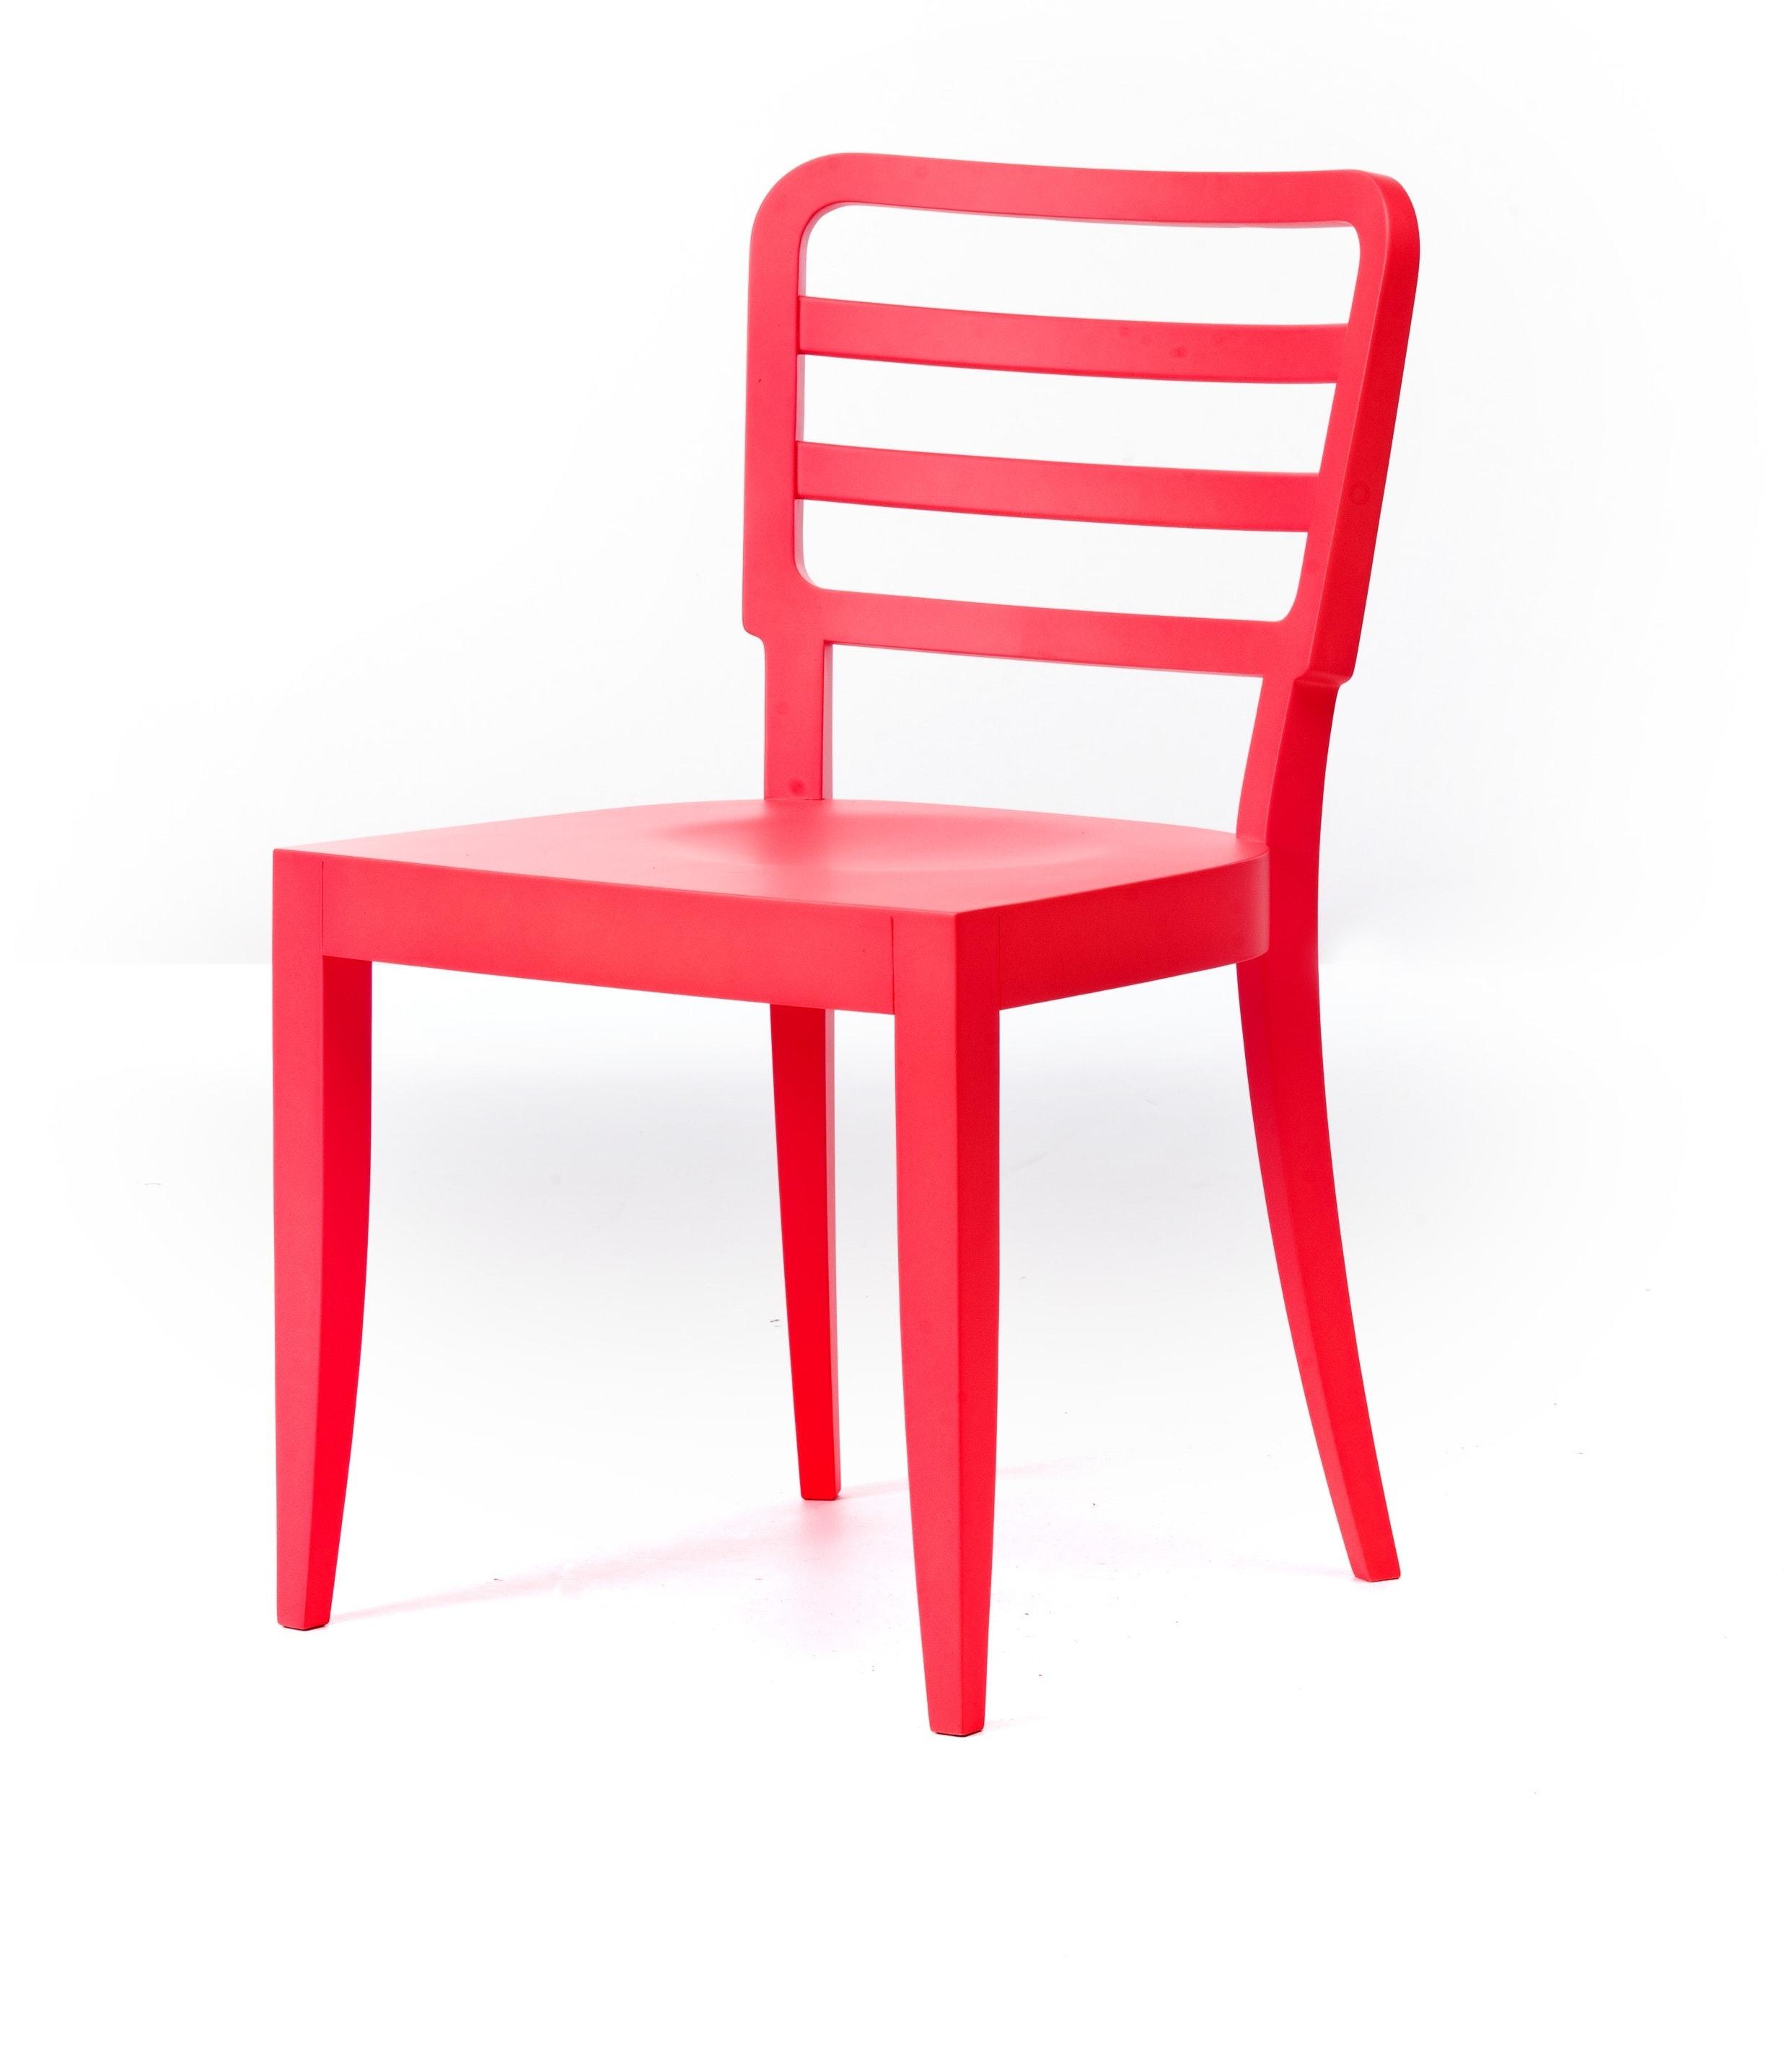 Wiener Chair 4